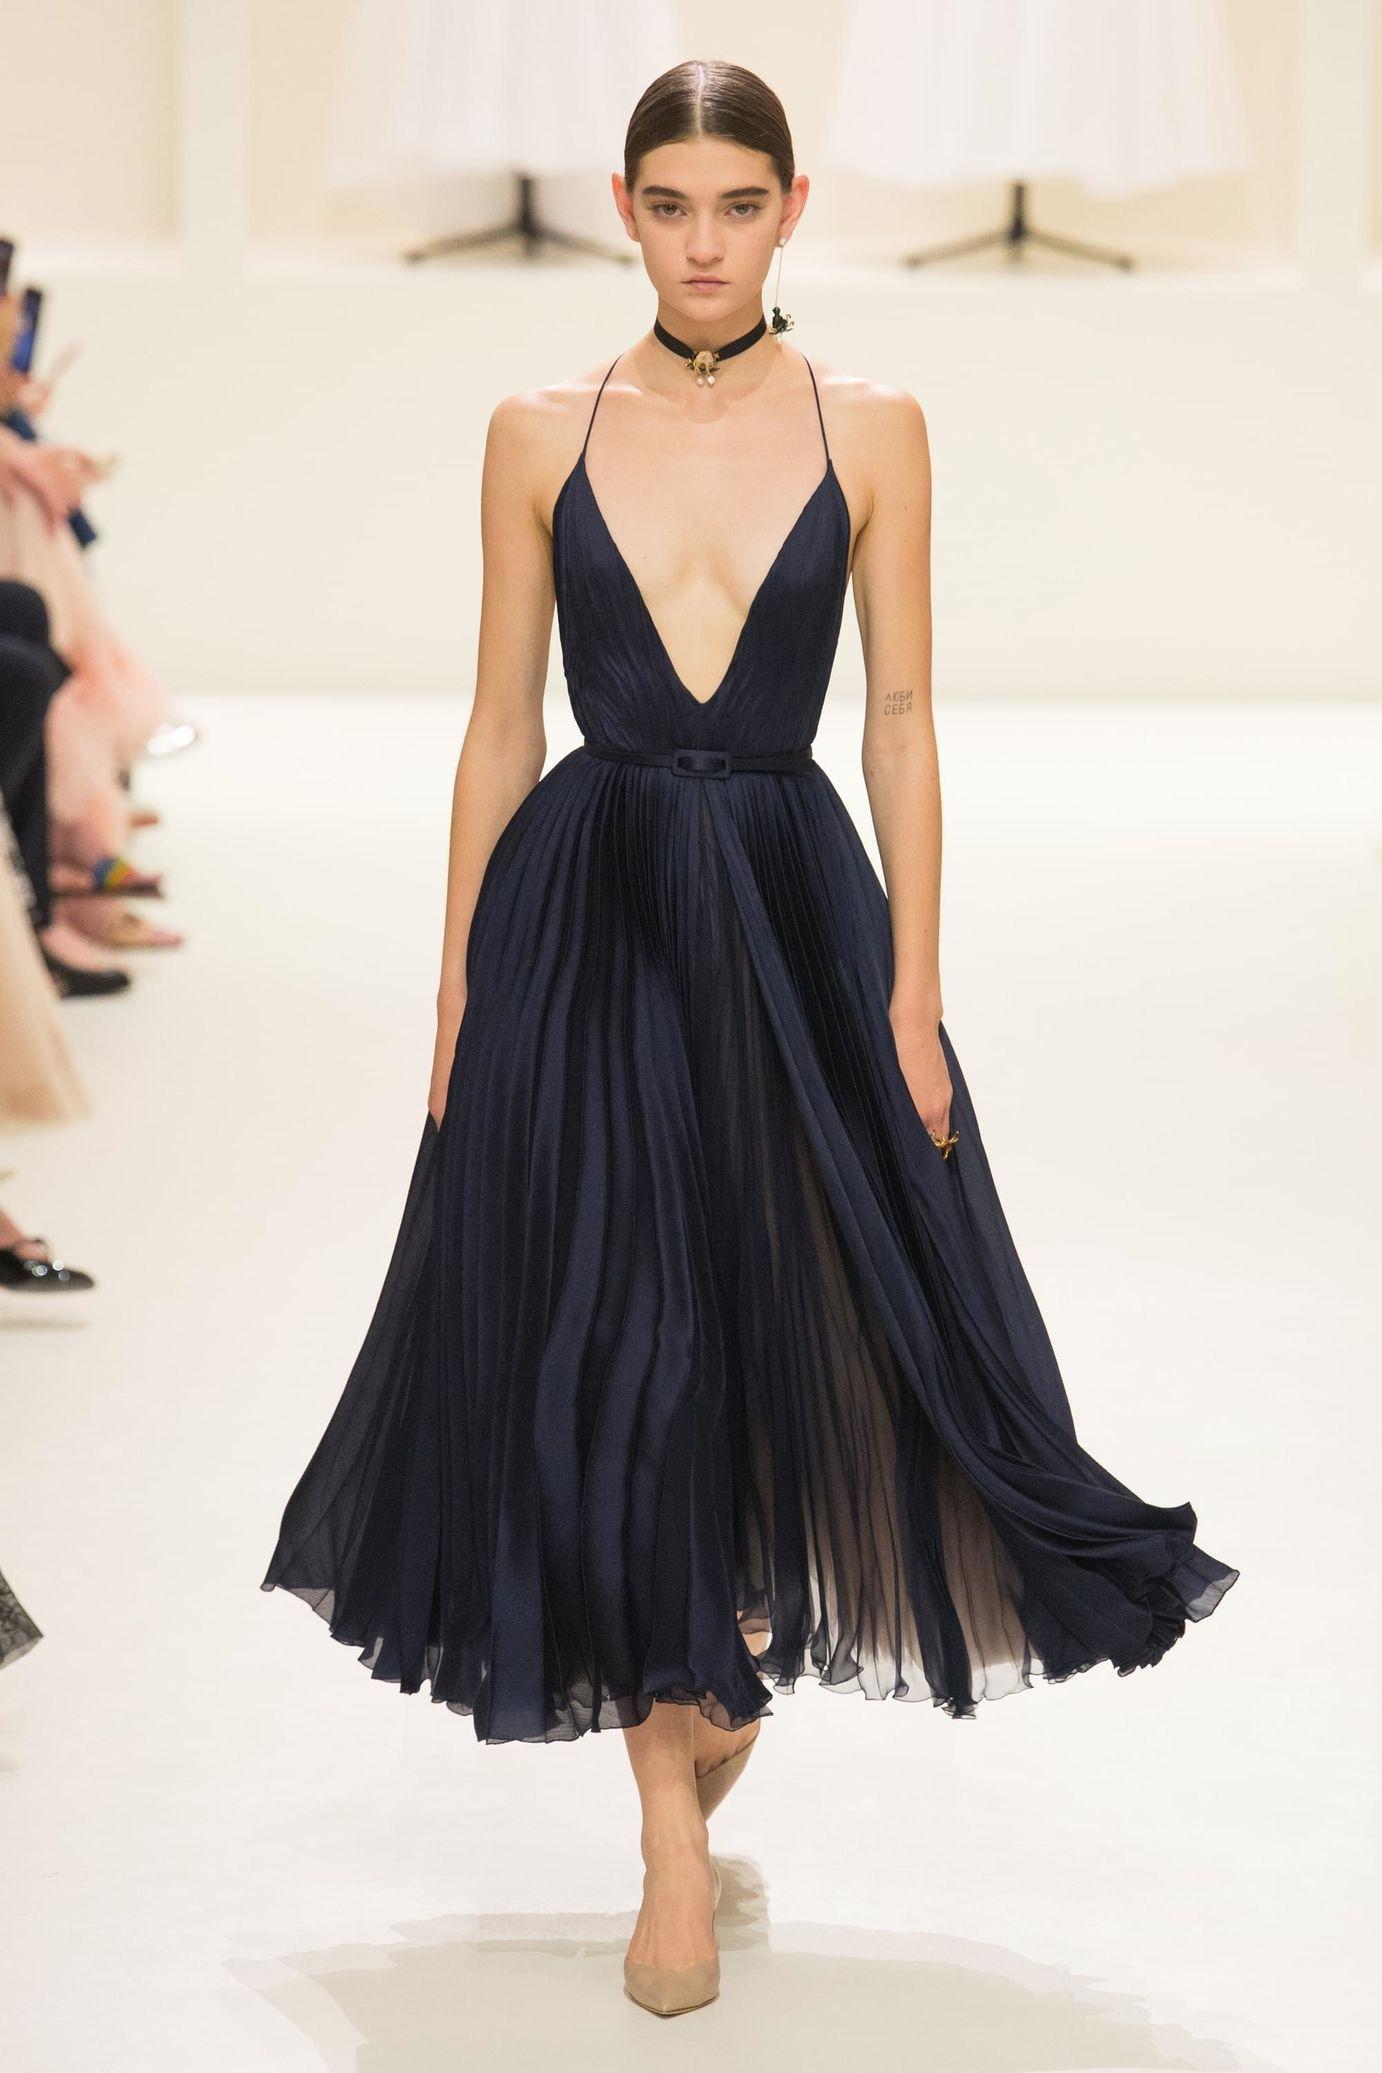 ff996440705 Défilé Christian Dior Haute couture automne-hiver 2018-2019 Femme ...